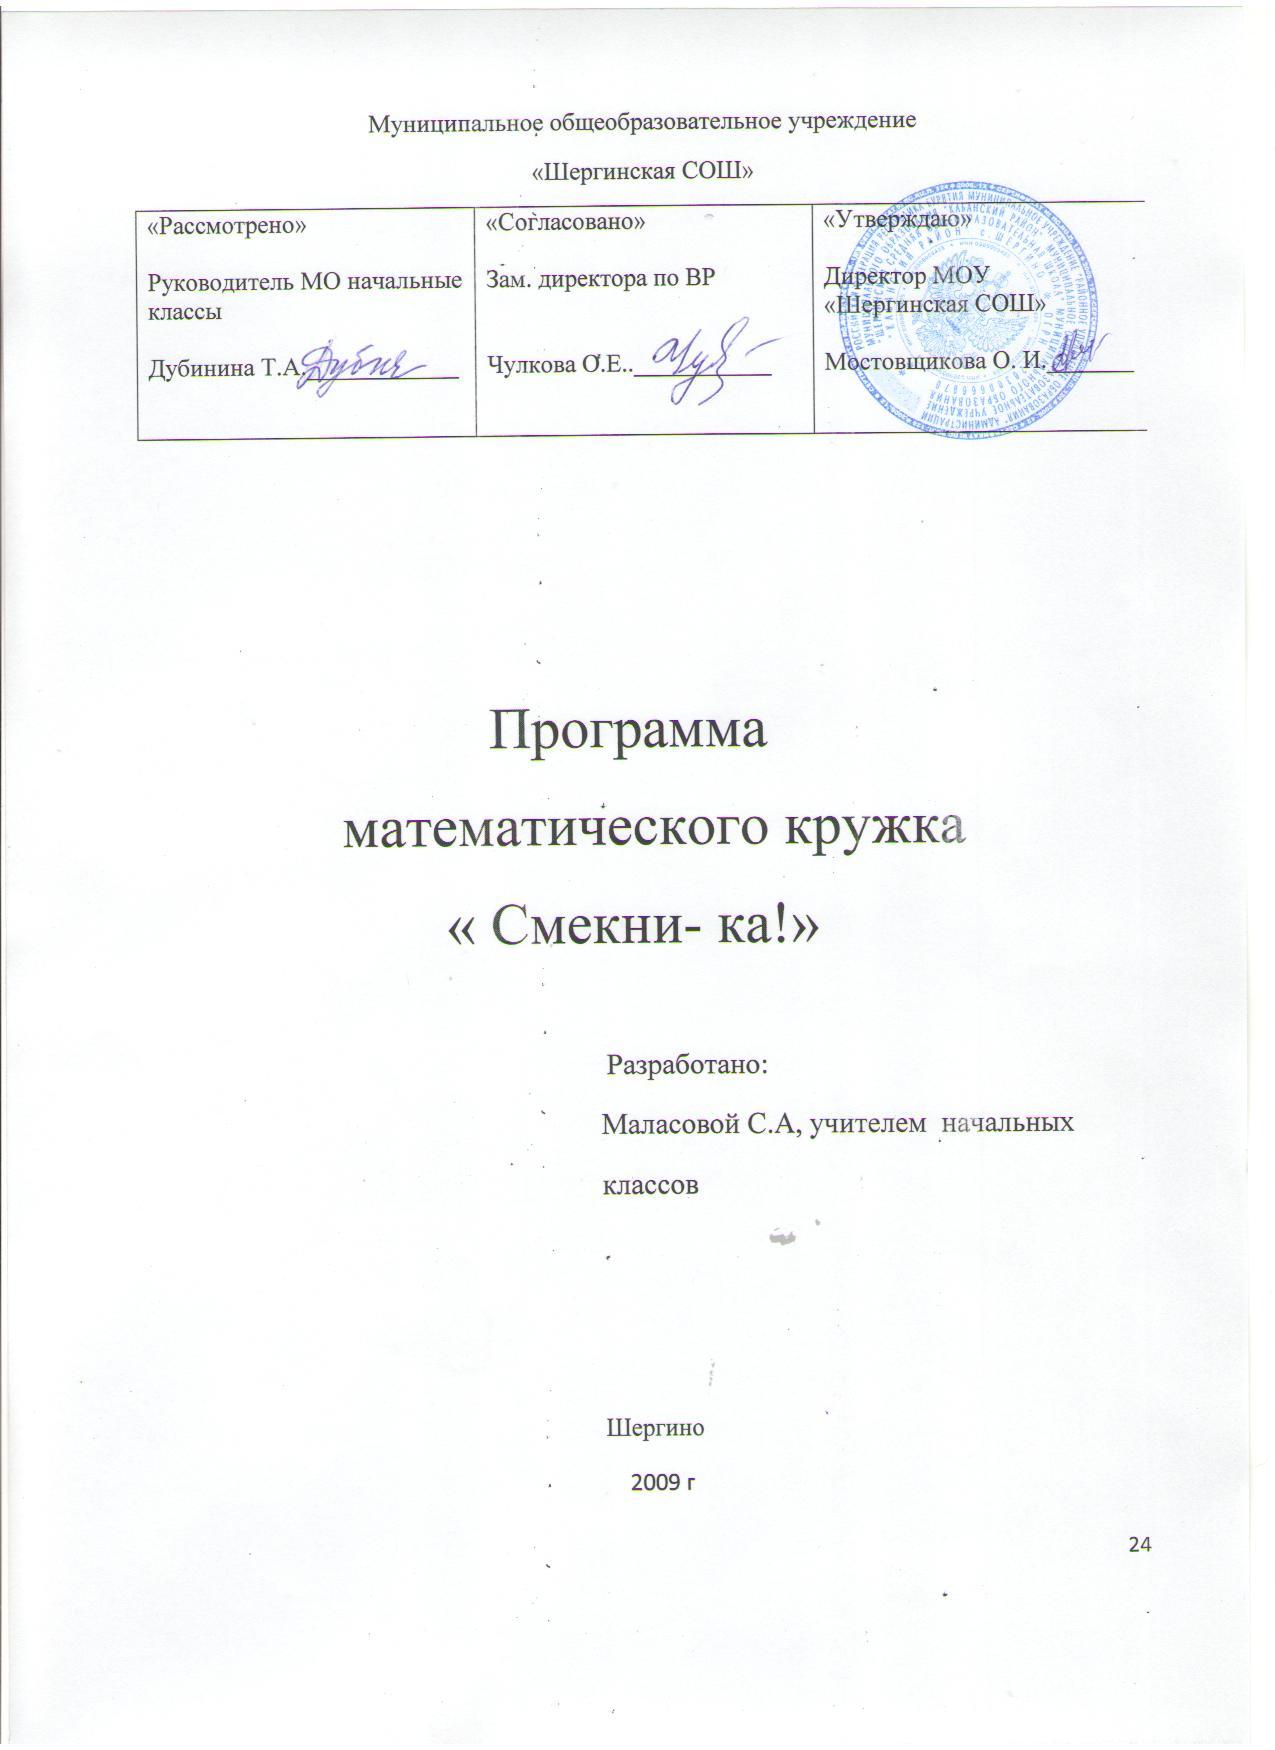 C:\Documents and Settings\OEM\Мои документы\Мои рисунки\2010-12-01, Изображение\Изображение 001.jpg